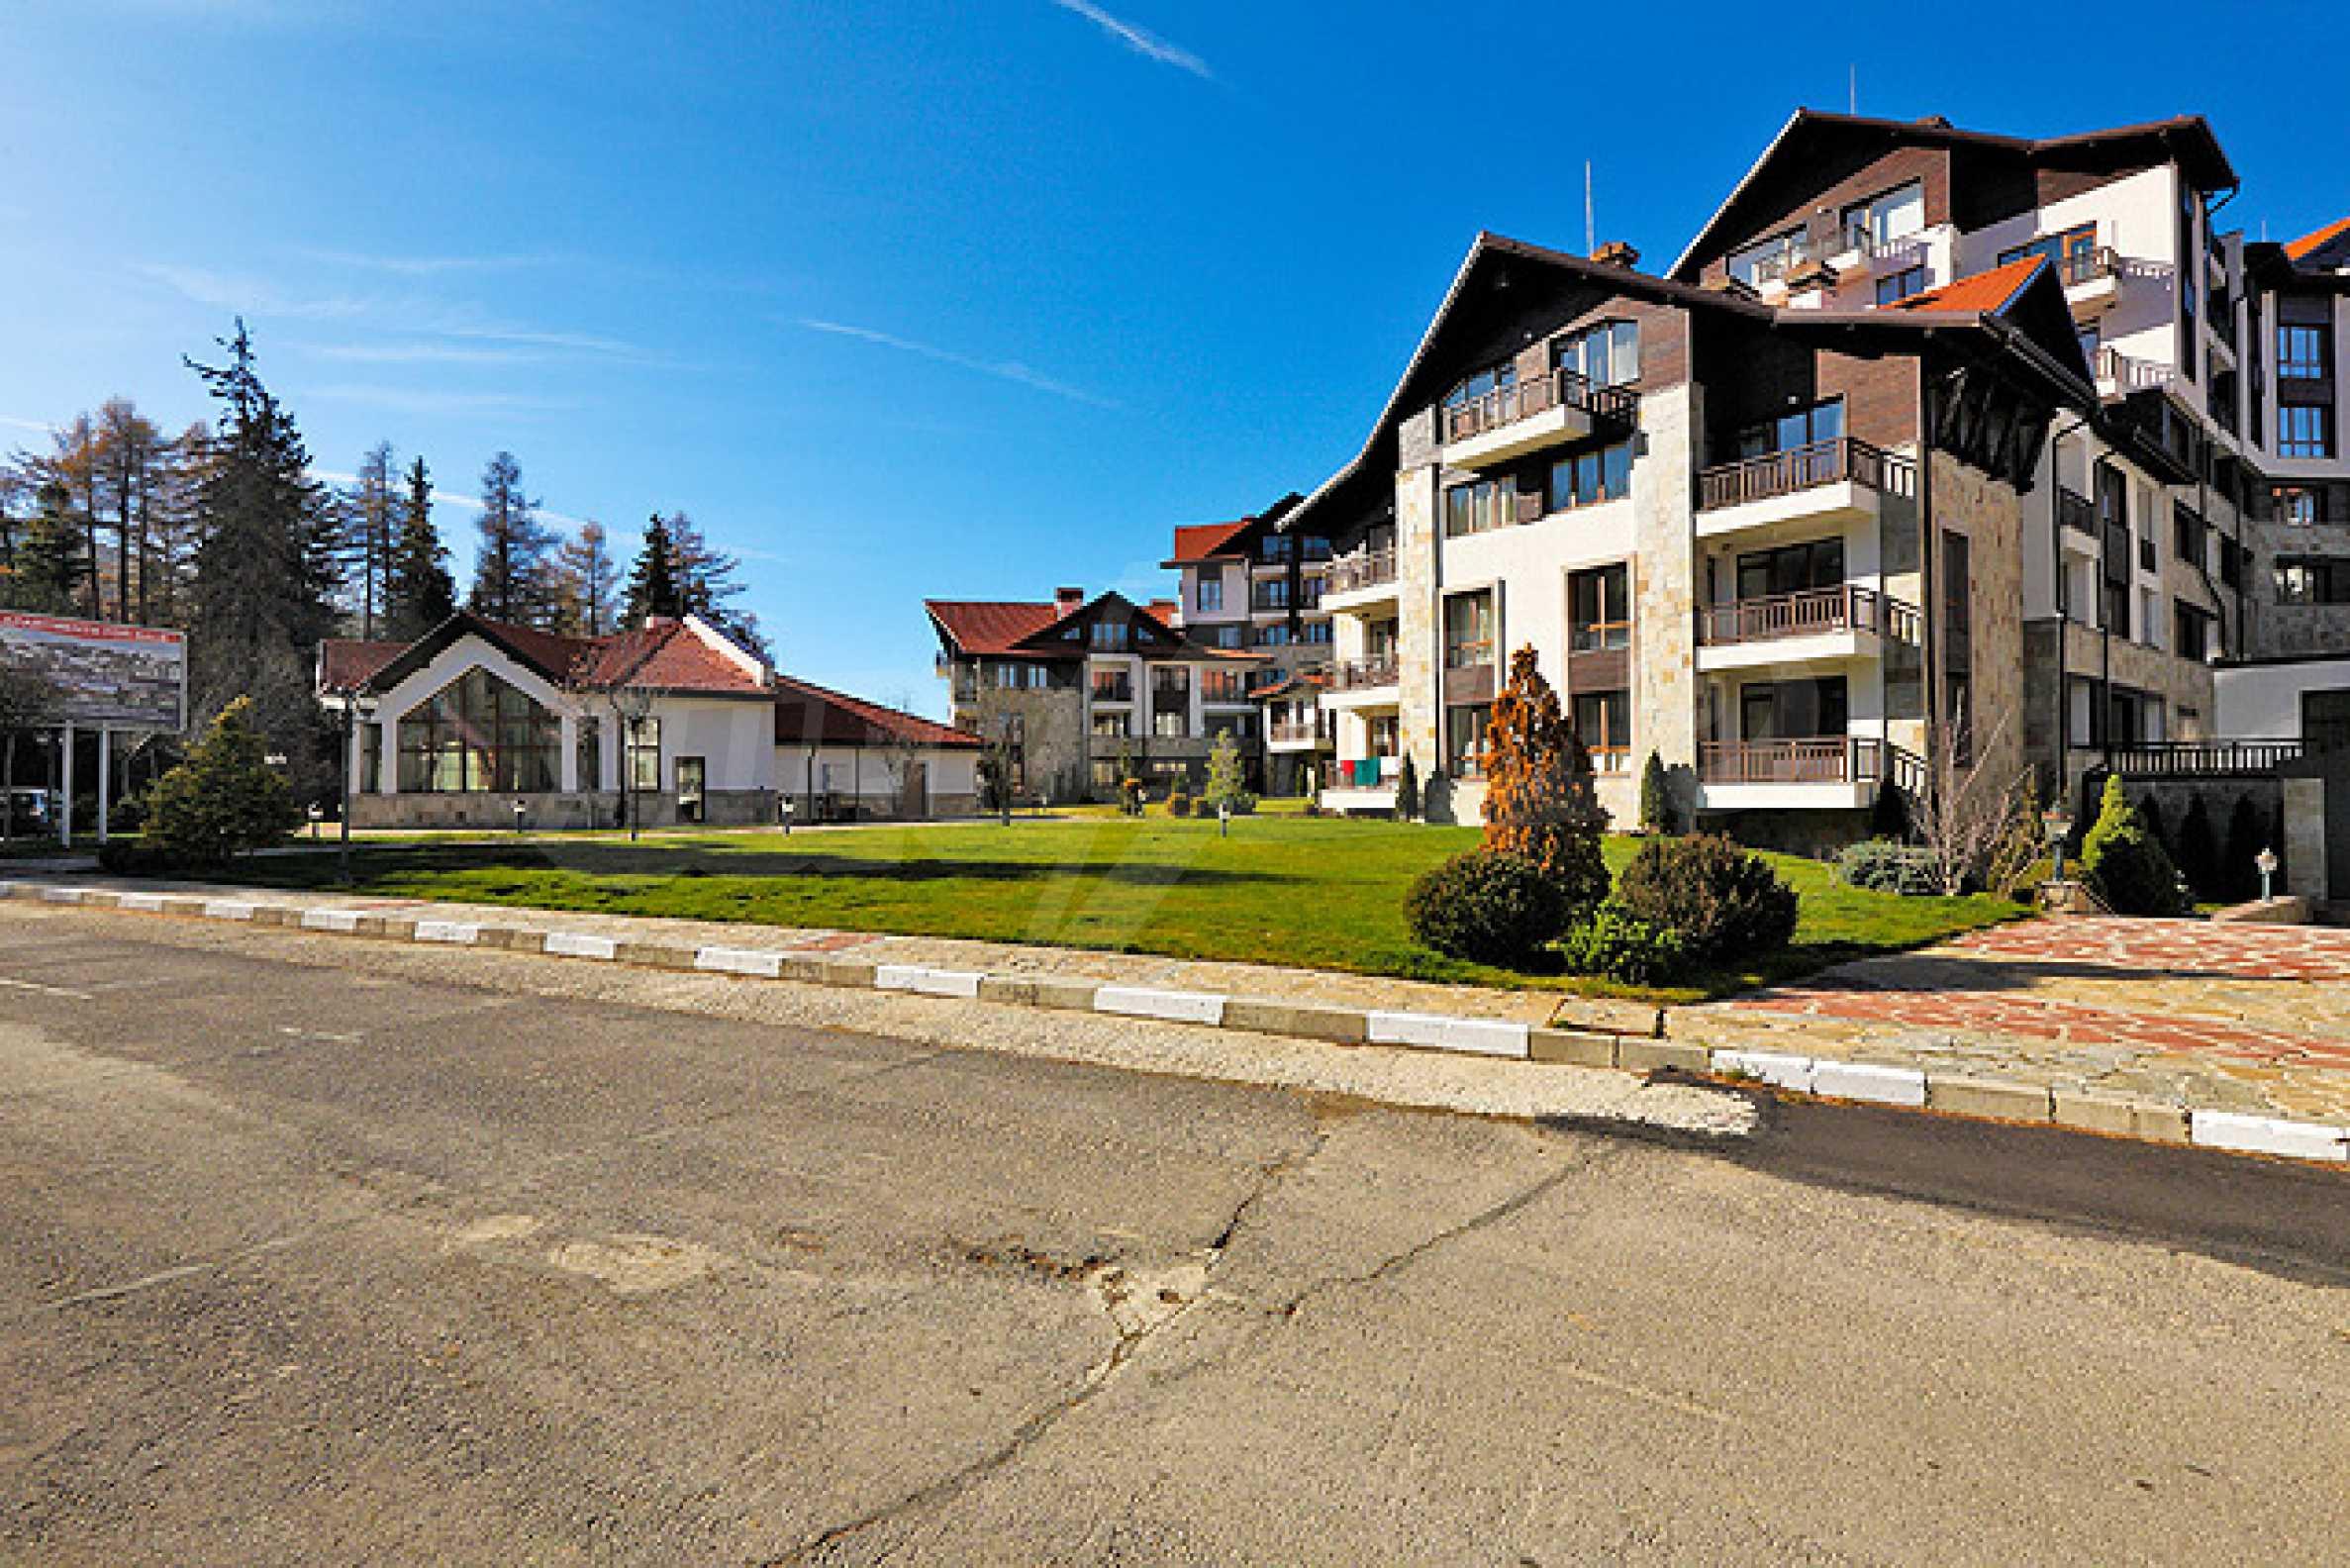 Erstklassige Wohnungen zum Verkauf Meter von der Yastrebets-Strecke in Borovets entfernt 1